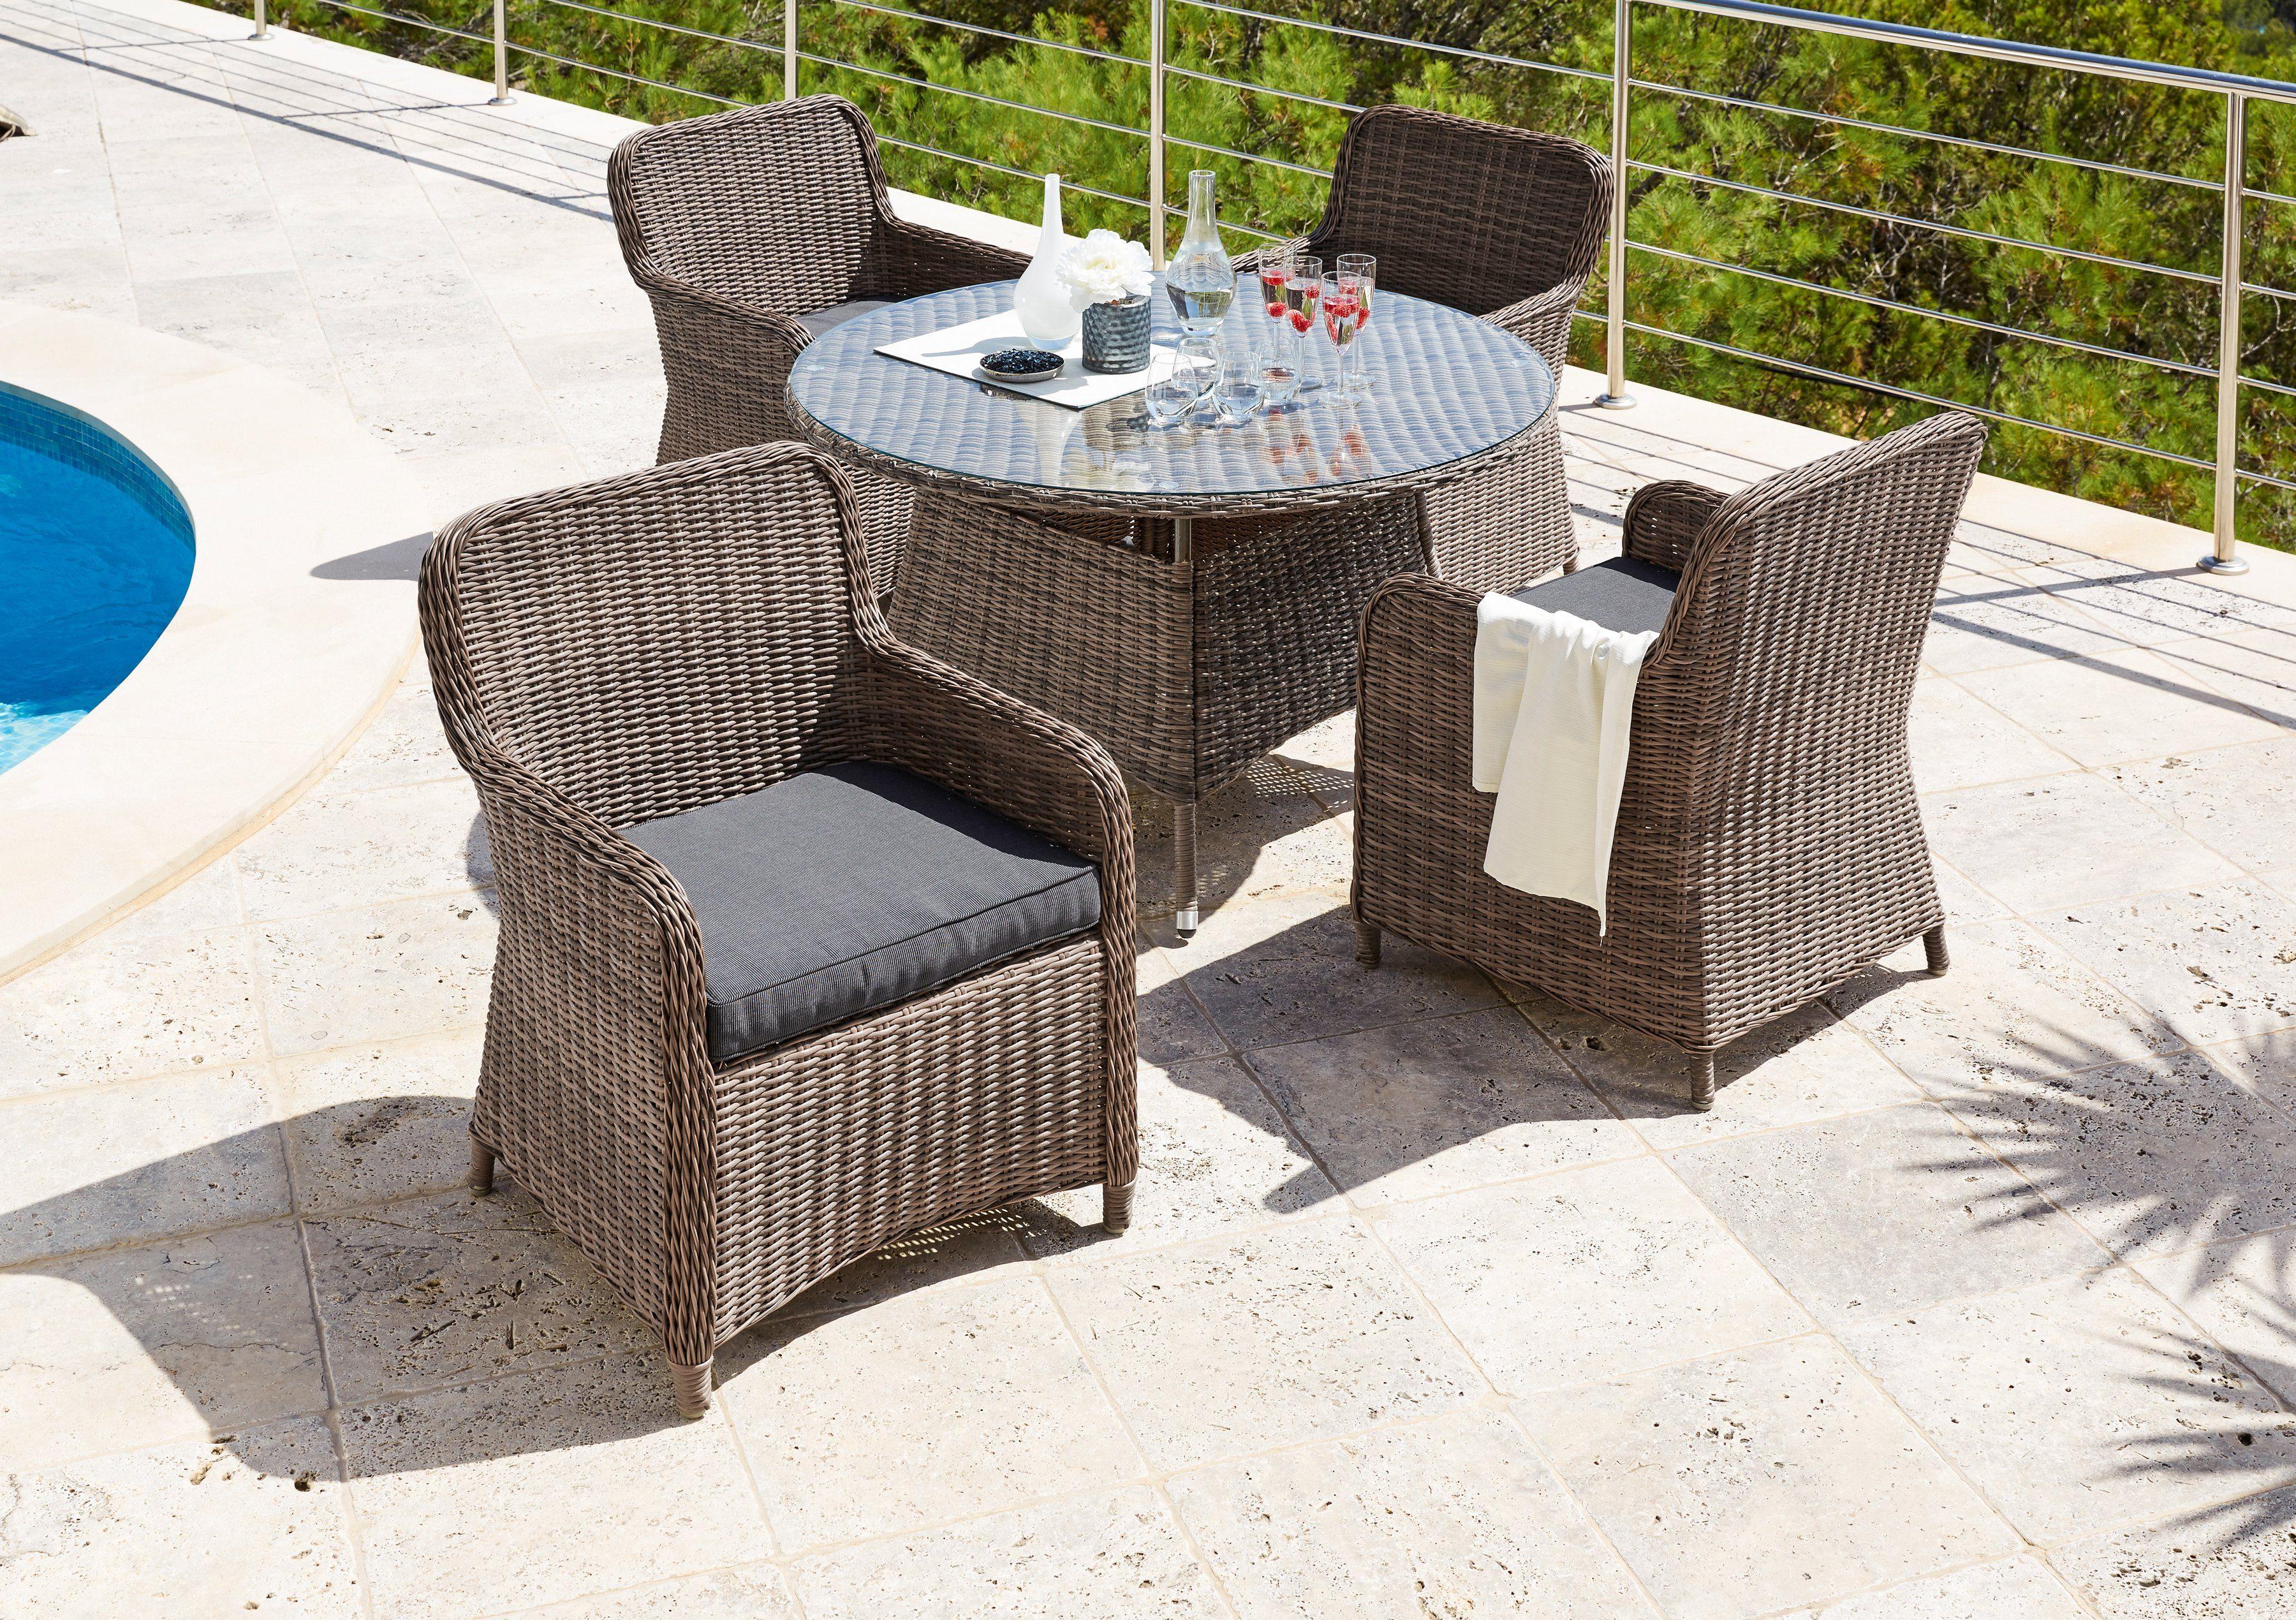 9-tgl. Gartenmöbelset »Kapstadt«, 4 Sessel, 1 Tisch Ø 100 cm, Polyratten, natur